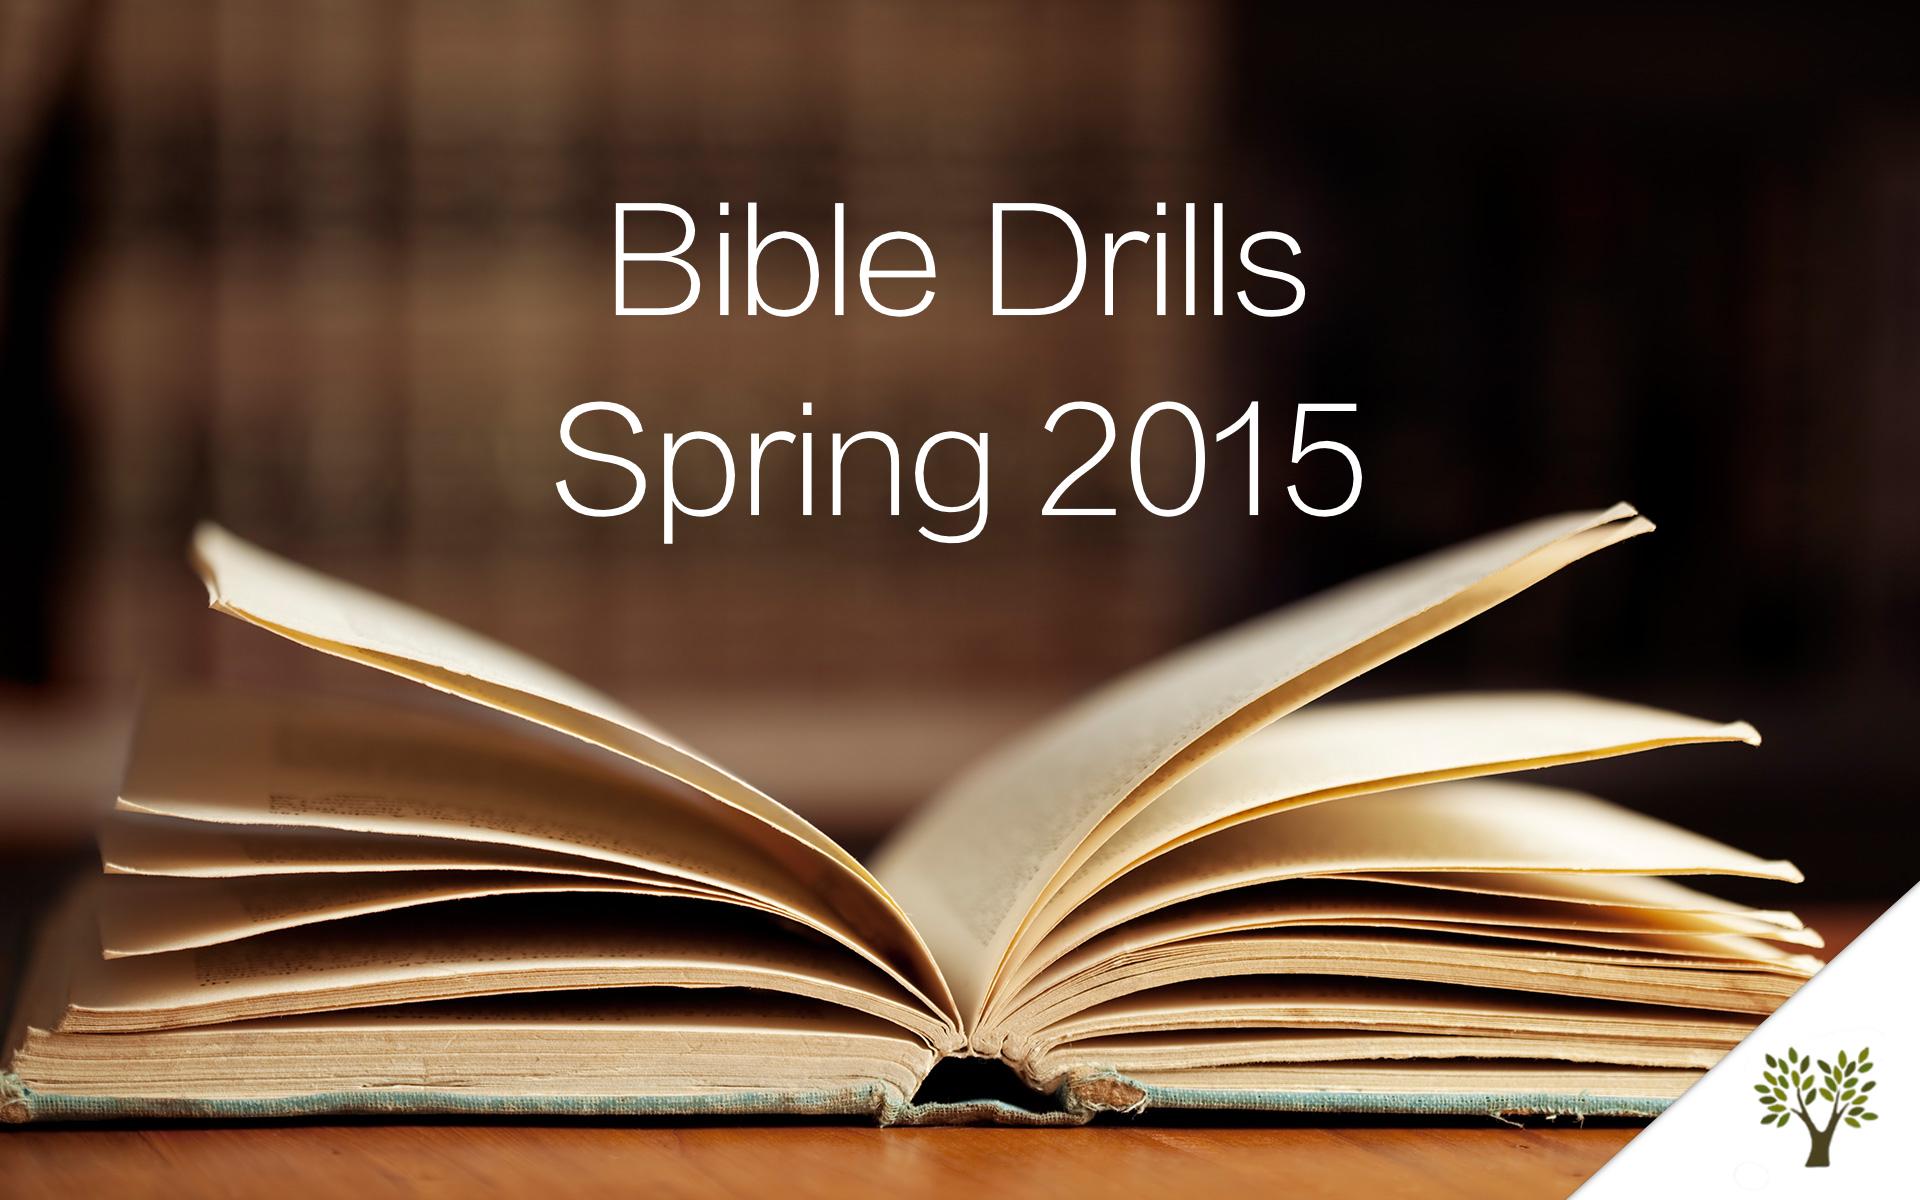 Bible Drills - Spring 2015